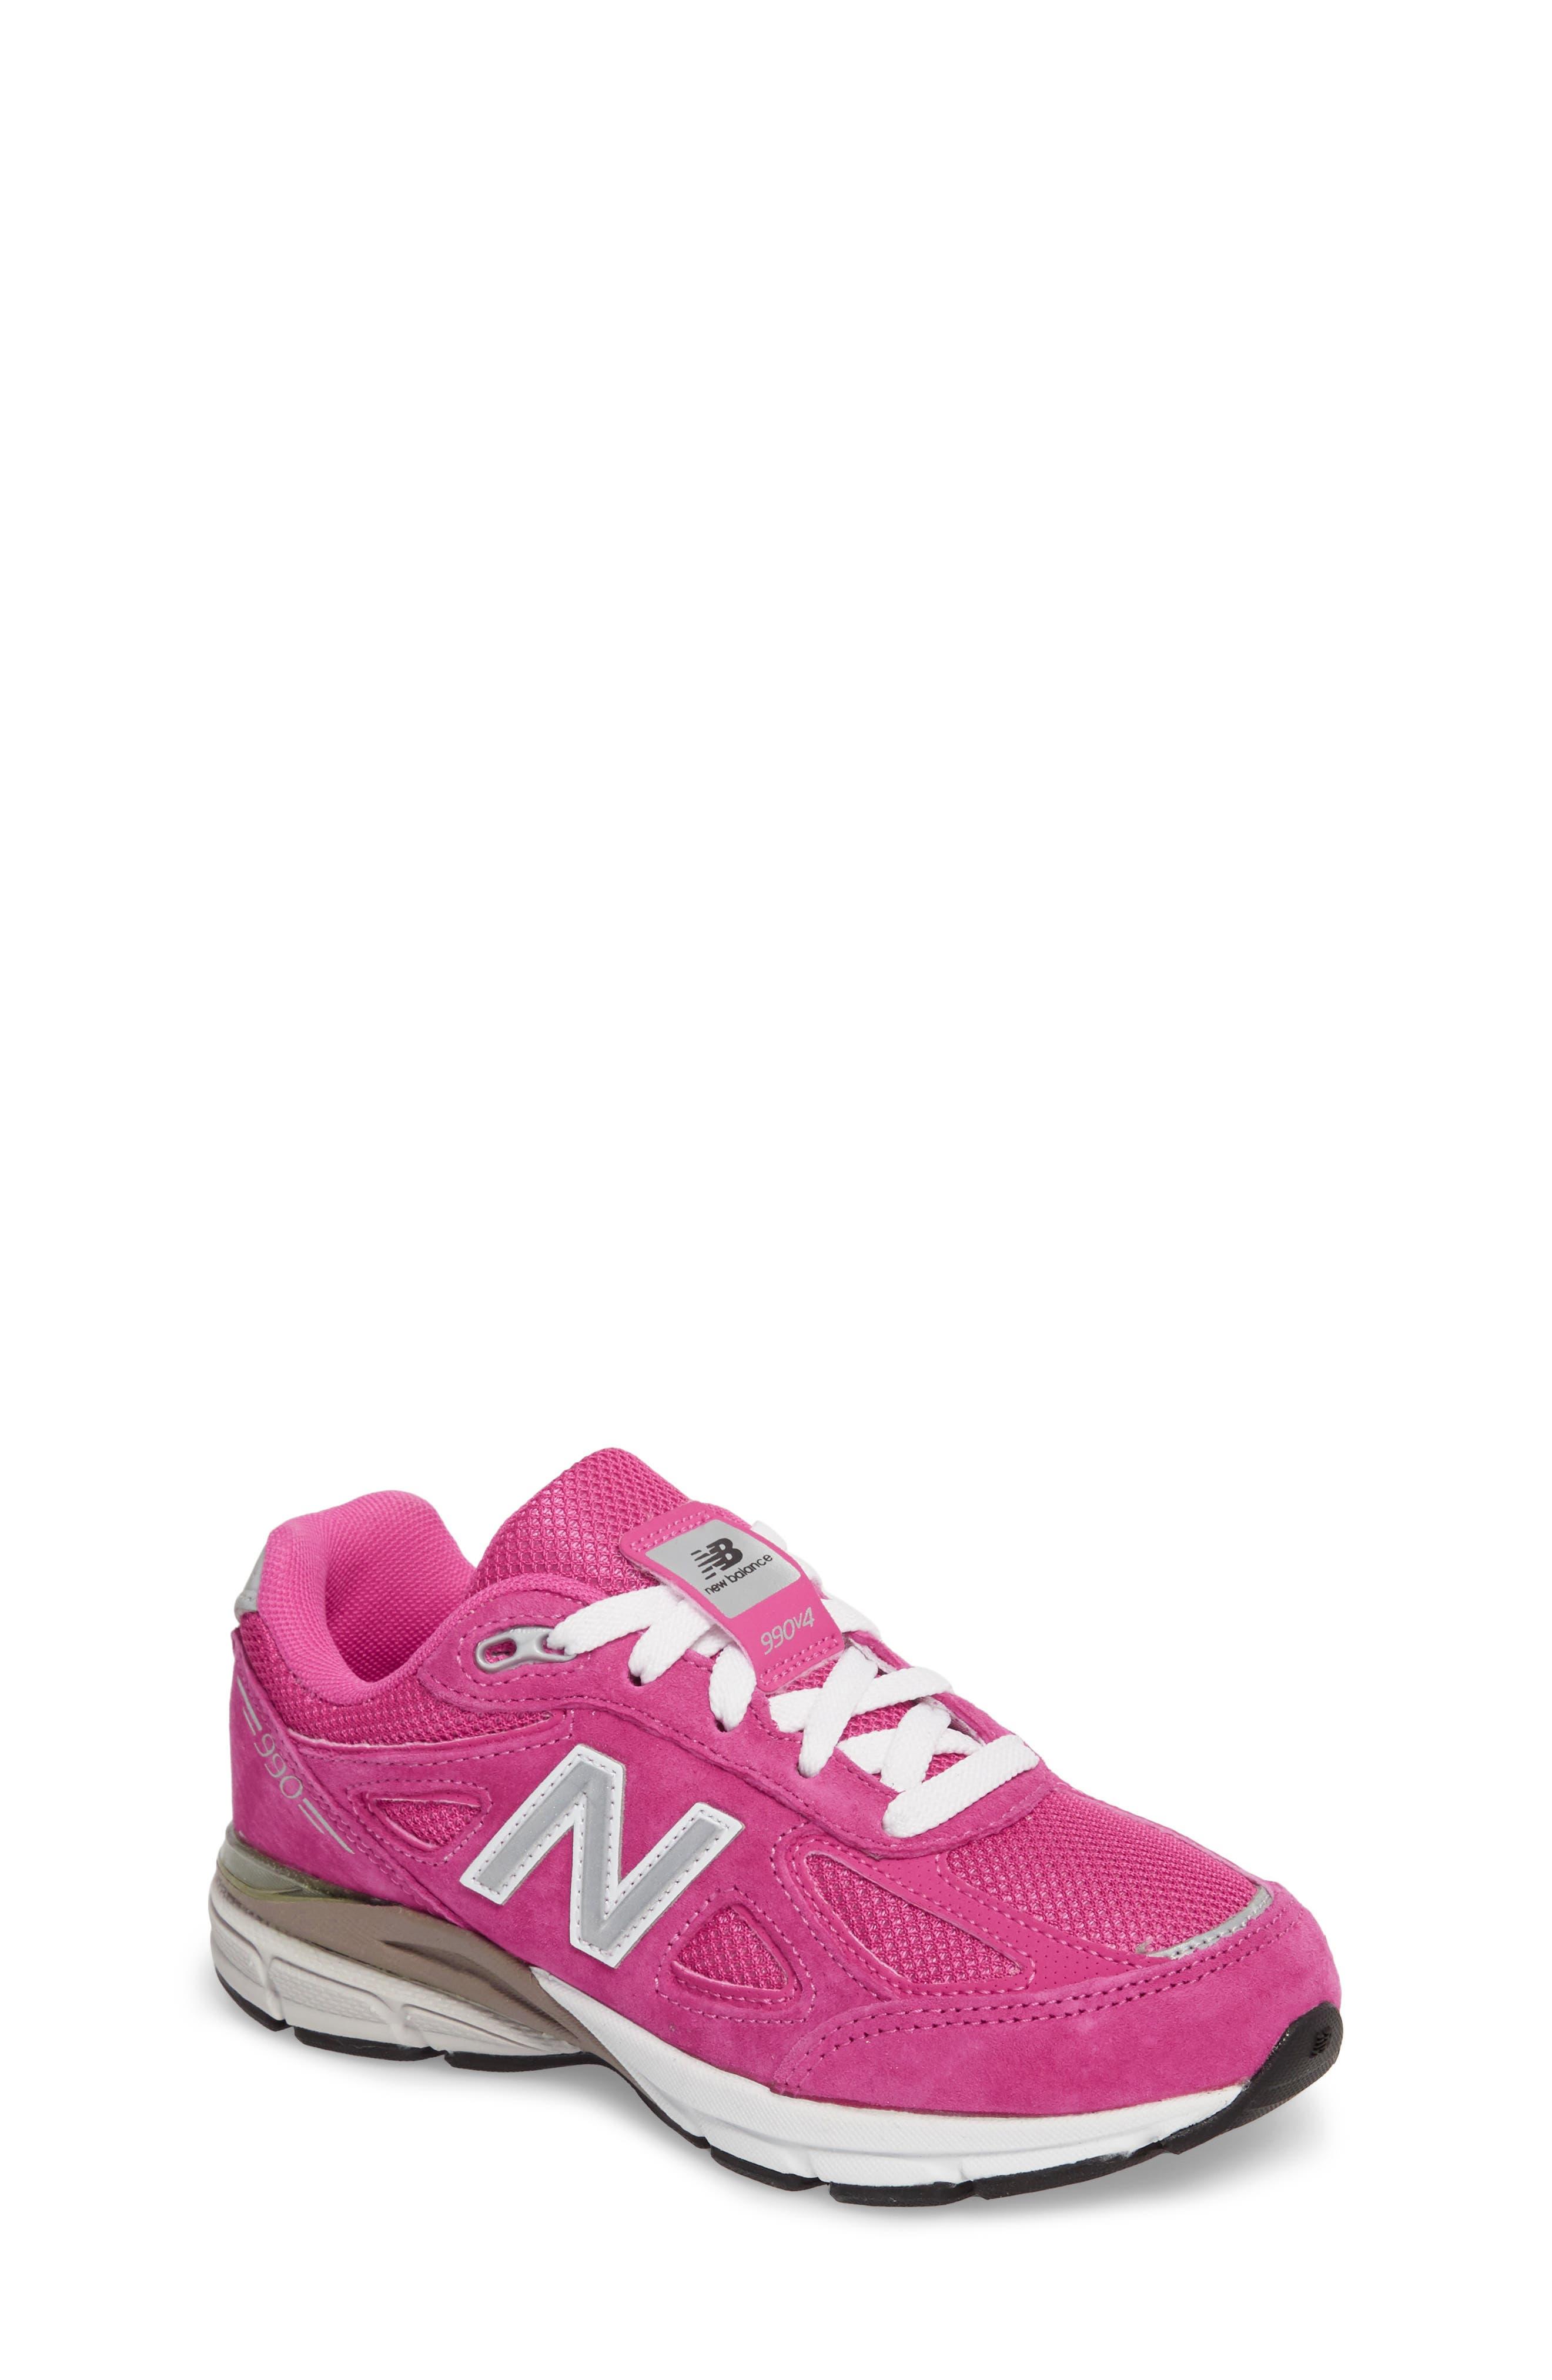 990v4 Sneaker,                         Main,                         color, 660